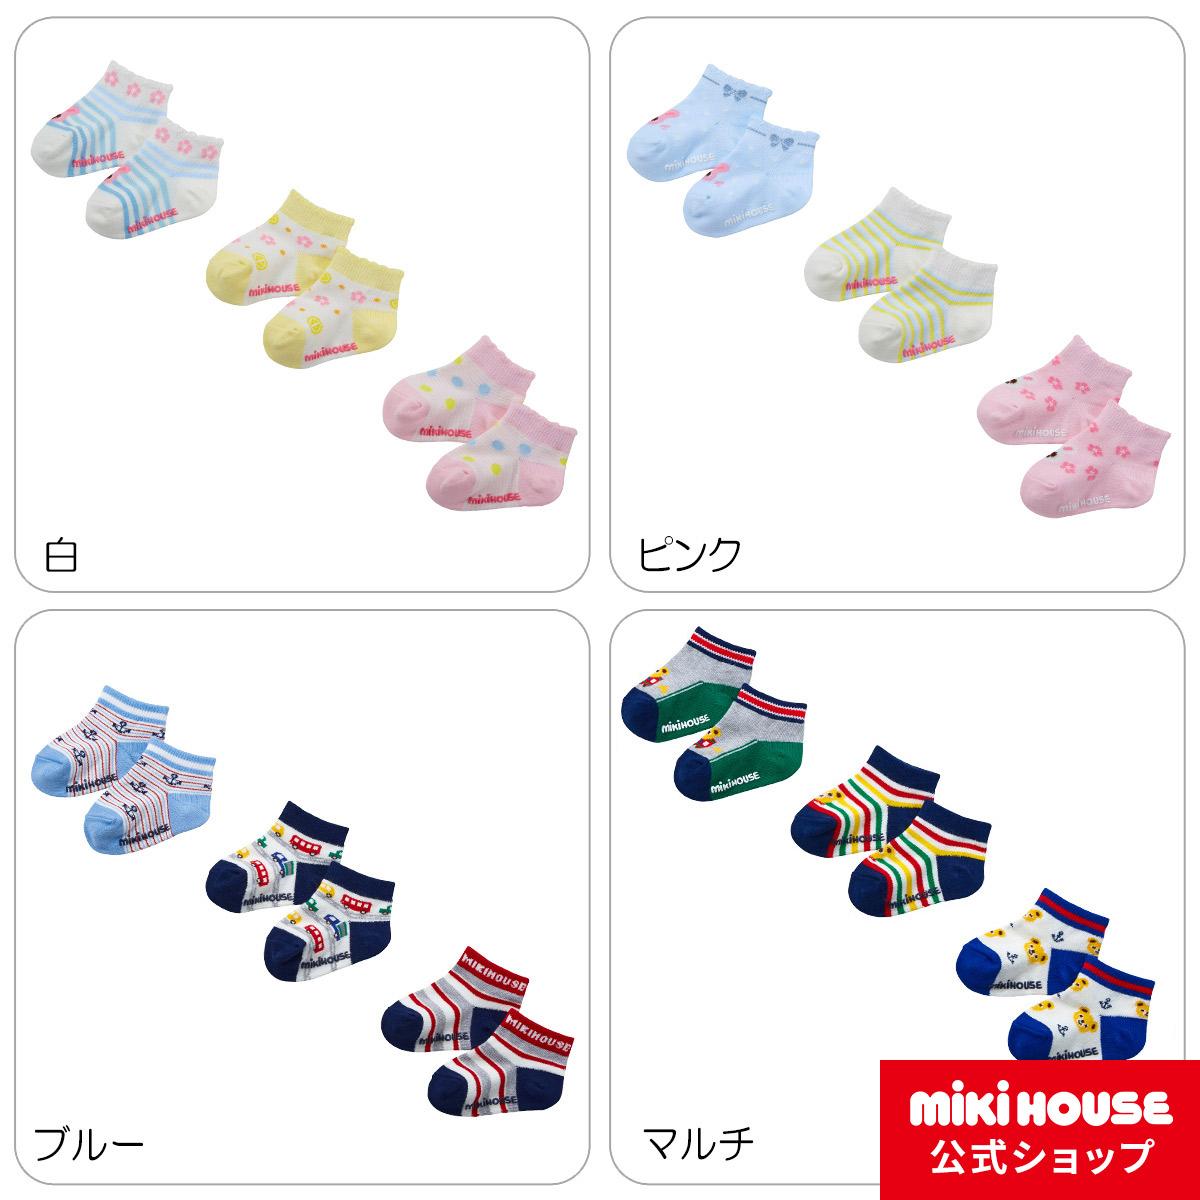 ◆高品質 ミキハウス 正規認証品 新規格 mikihouse ローカットソックスパック3足セット 11cm-17cm 男の子 キッズ 女の子 こども 靴下 子ども